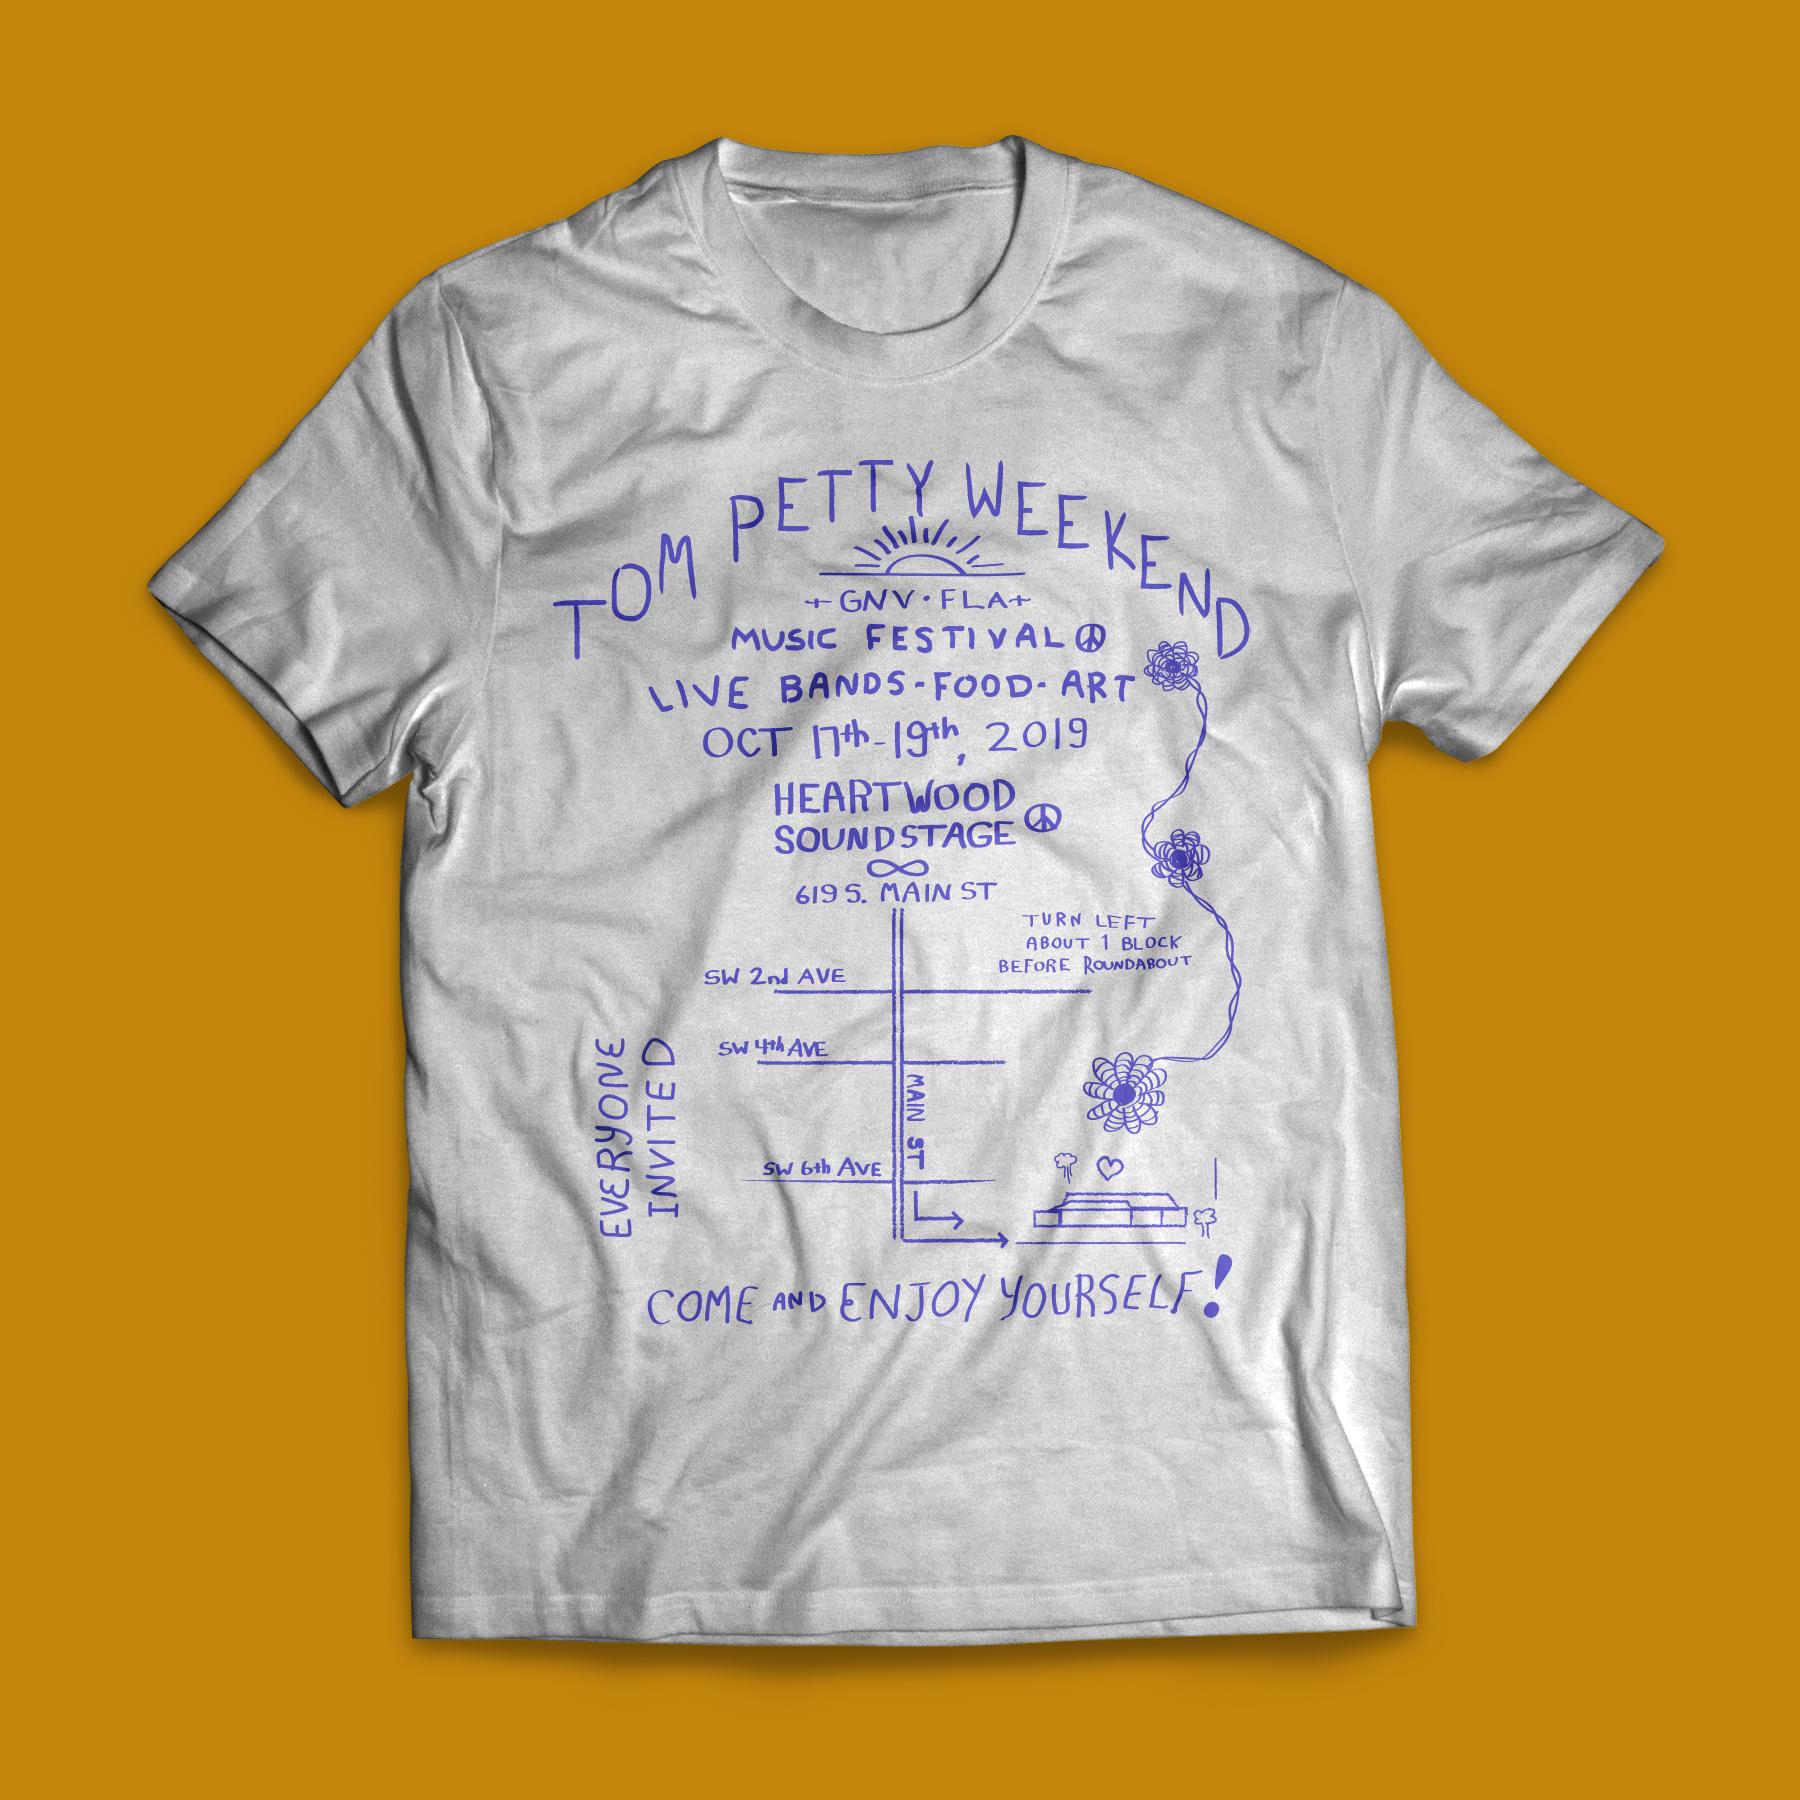 Tom Petty Weekend Handbill Map Shirt